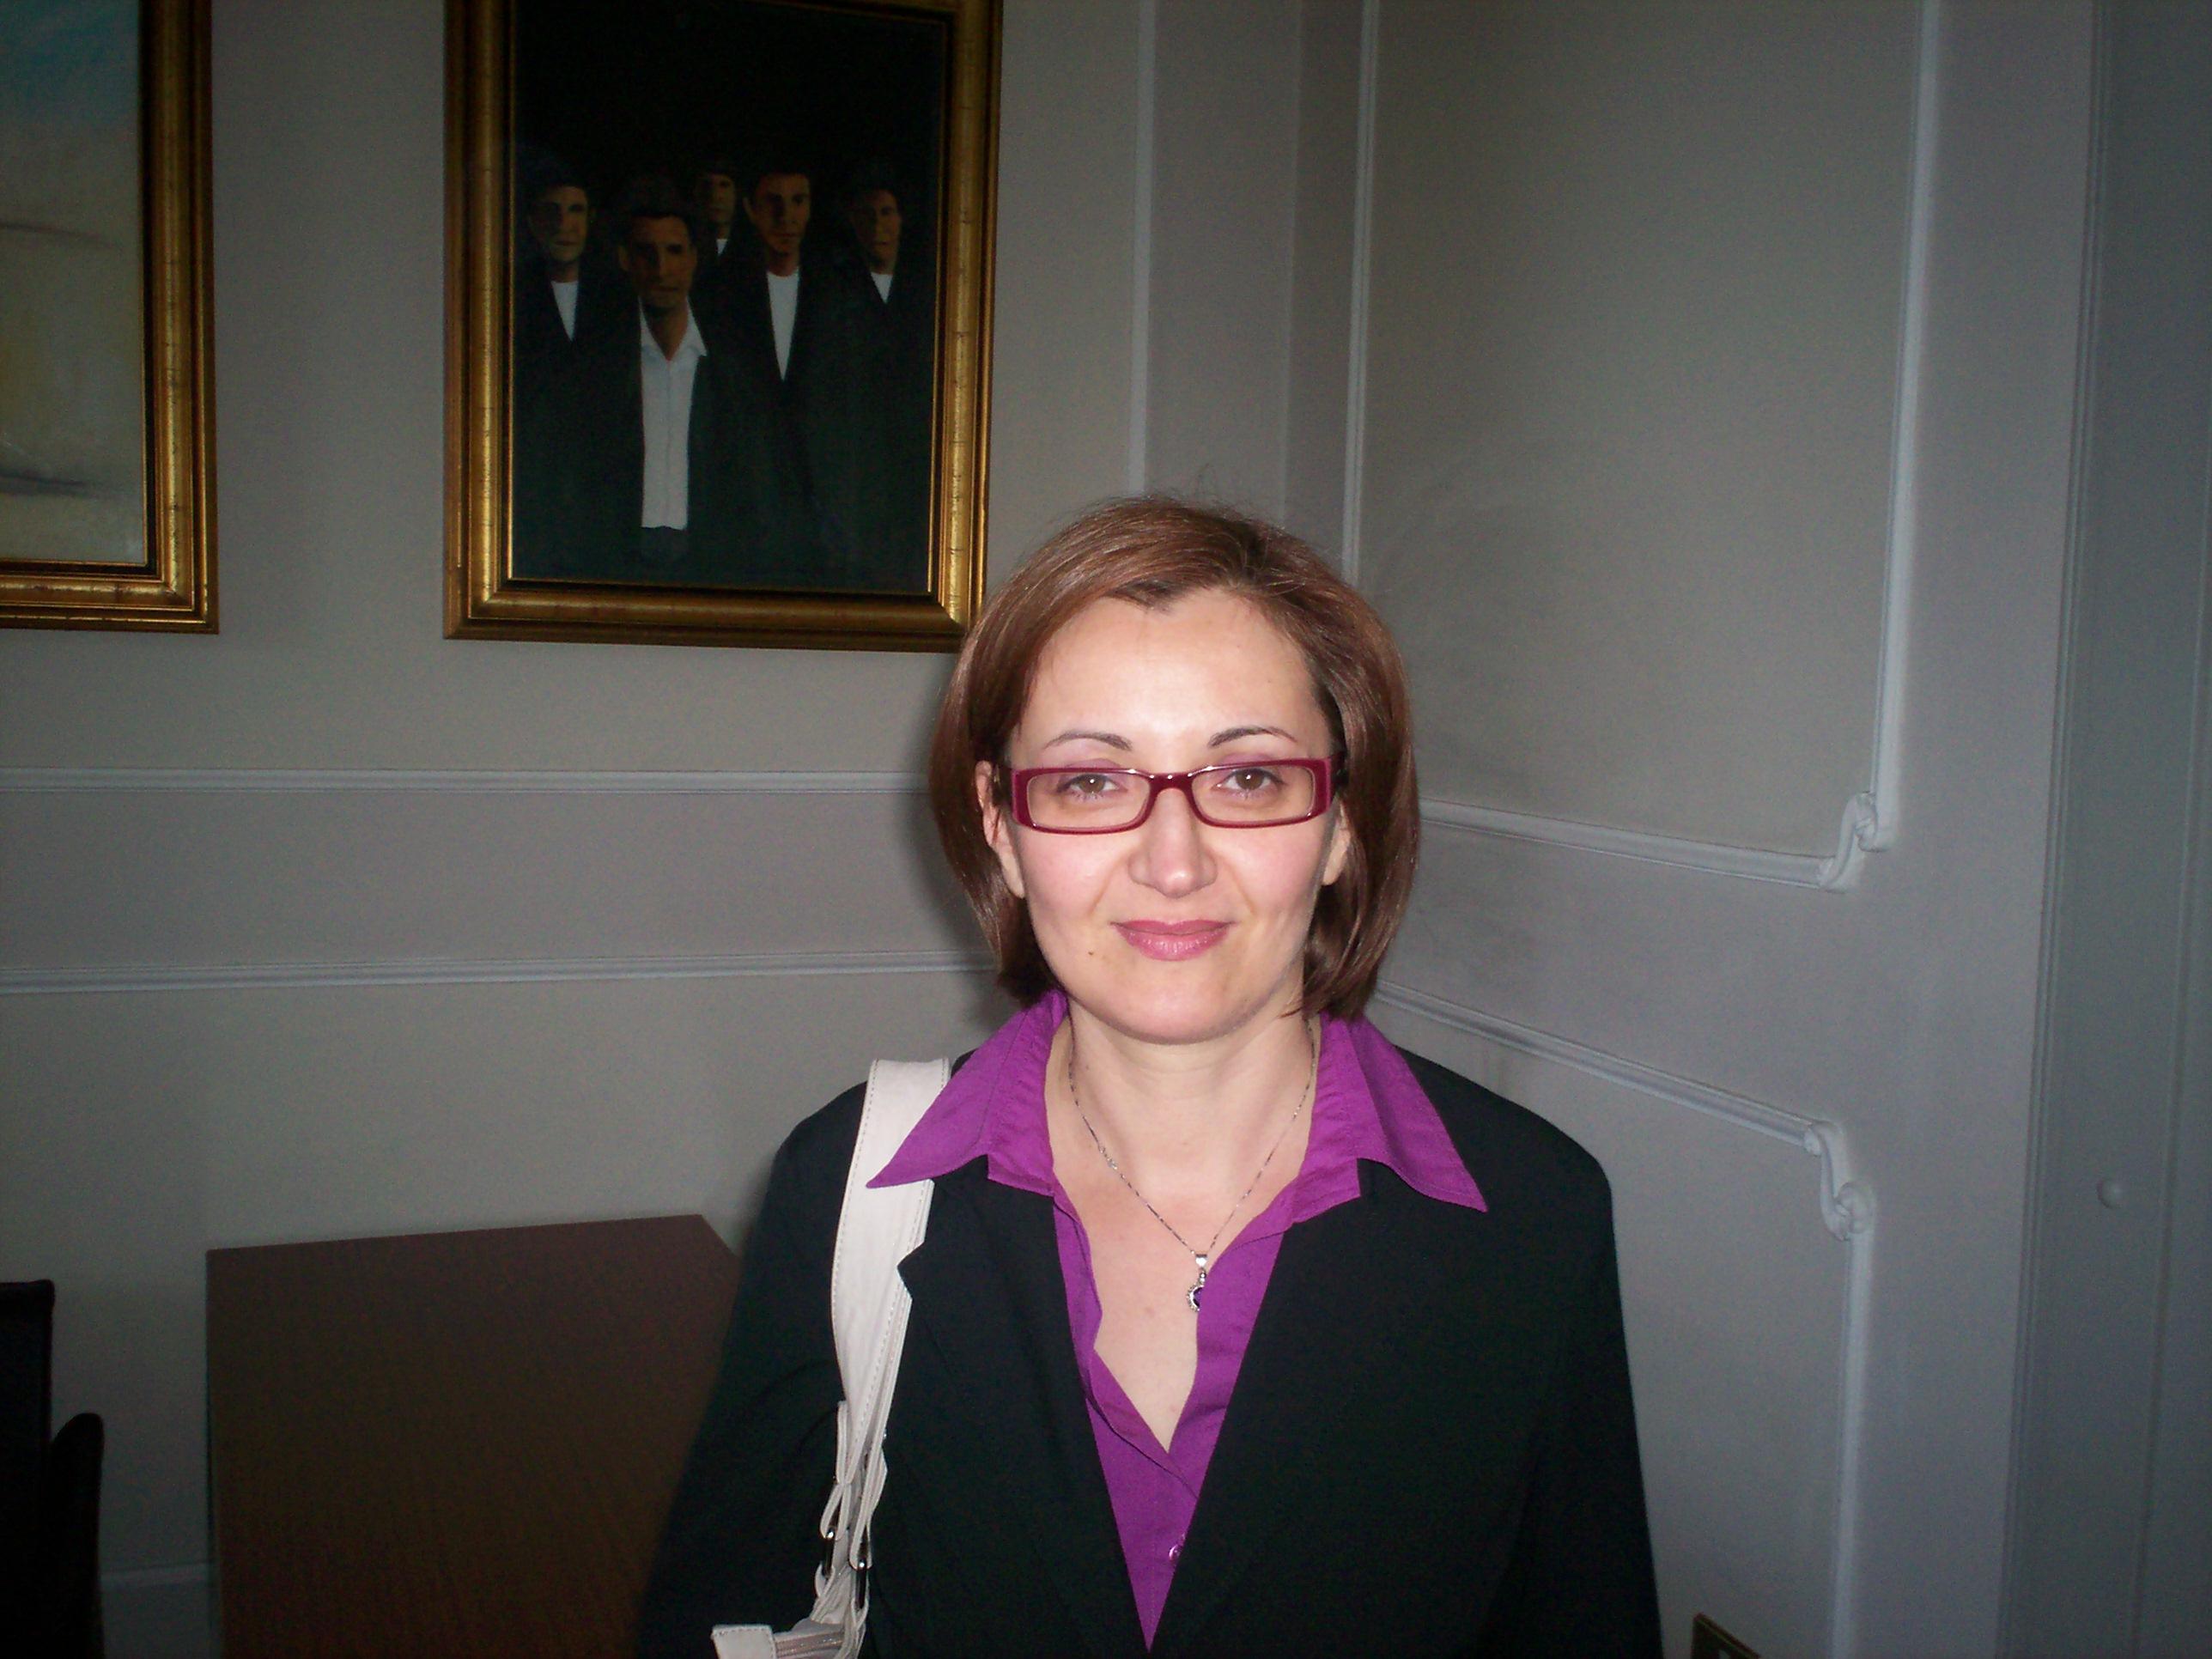 Anna Vigliaturo